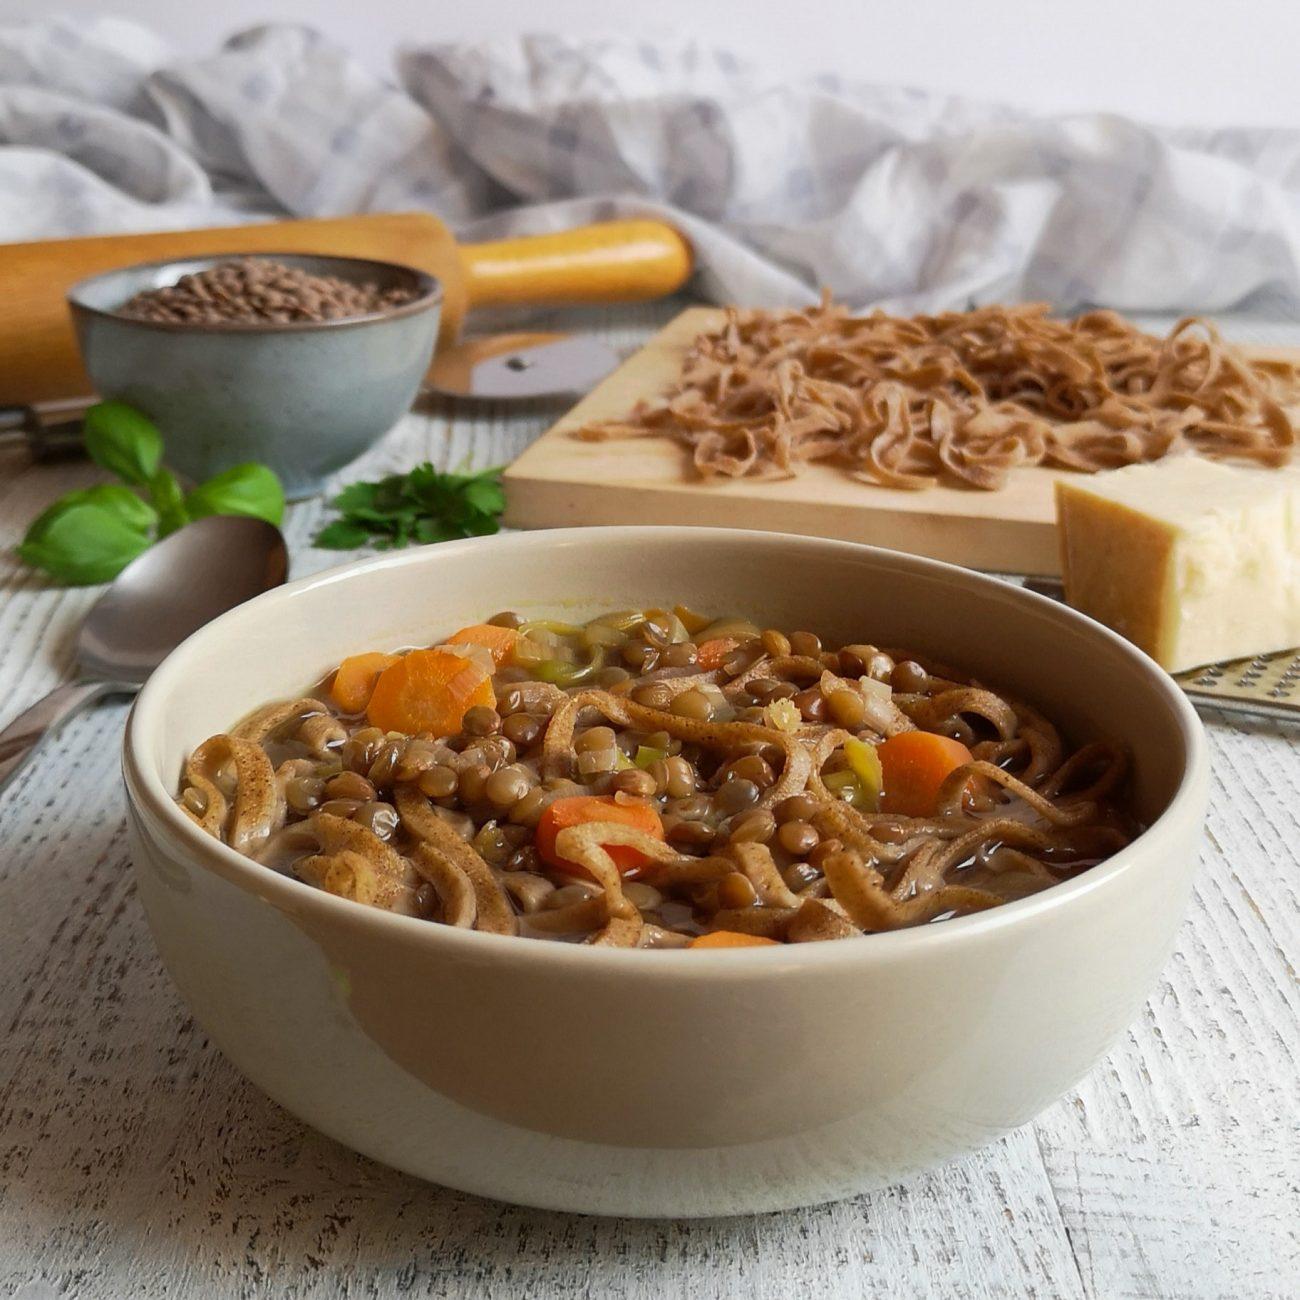 Zuppa di lenticchie con tagliolini al grano saraceno